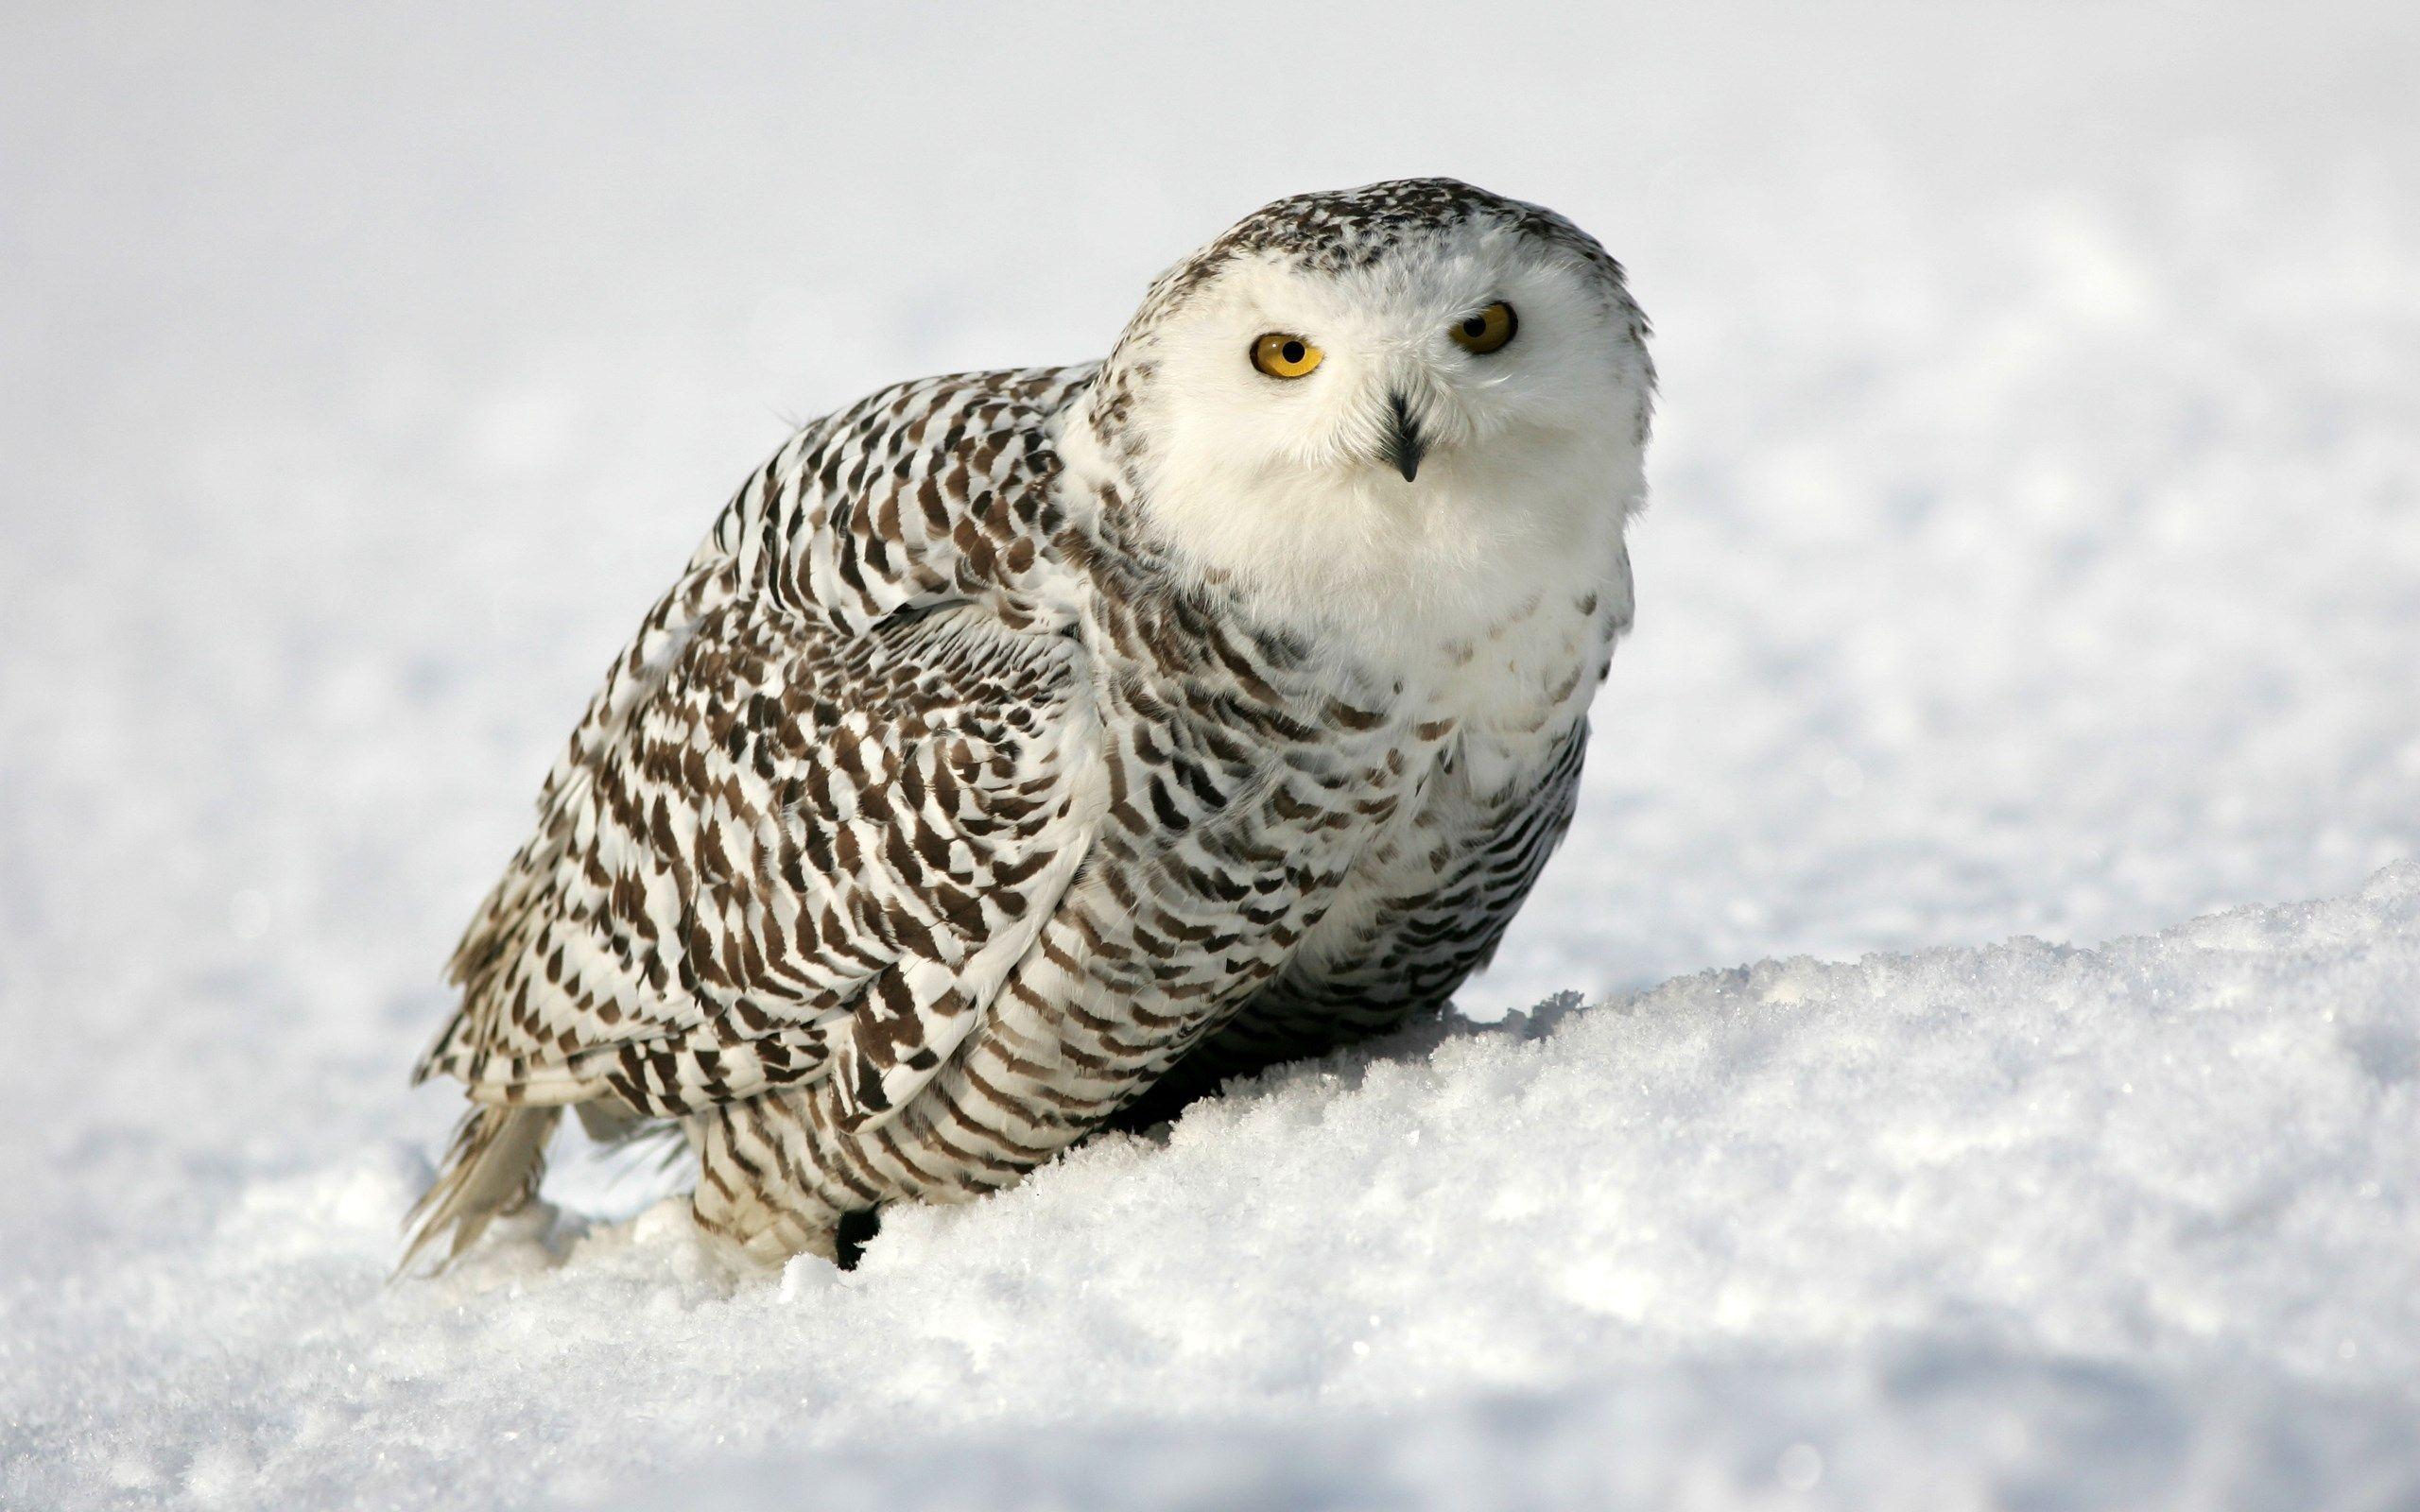 2560x1600 Px Wallpaper Desktop Snowy Owl By Mosiah Robertson For Pocketfullofgrace Com Snowy Owl Owl Wallpaper Owl